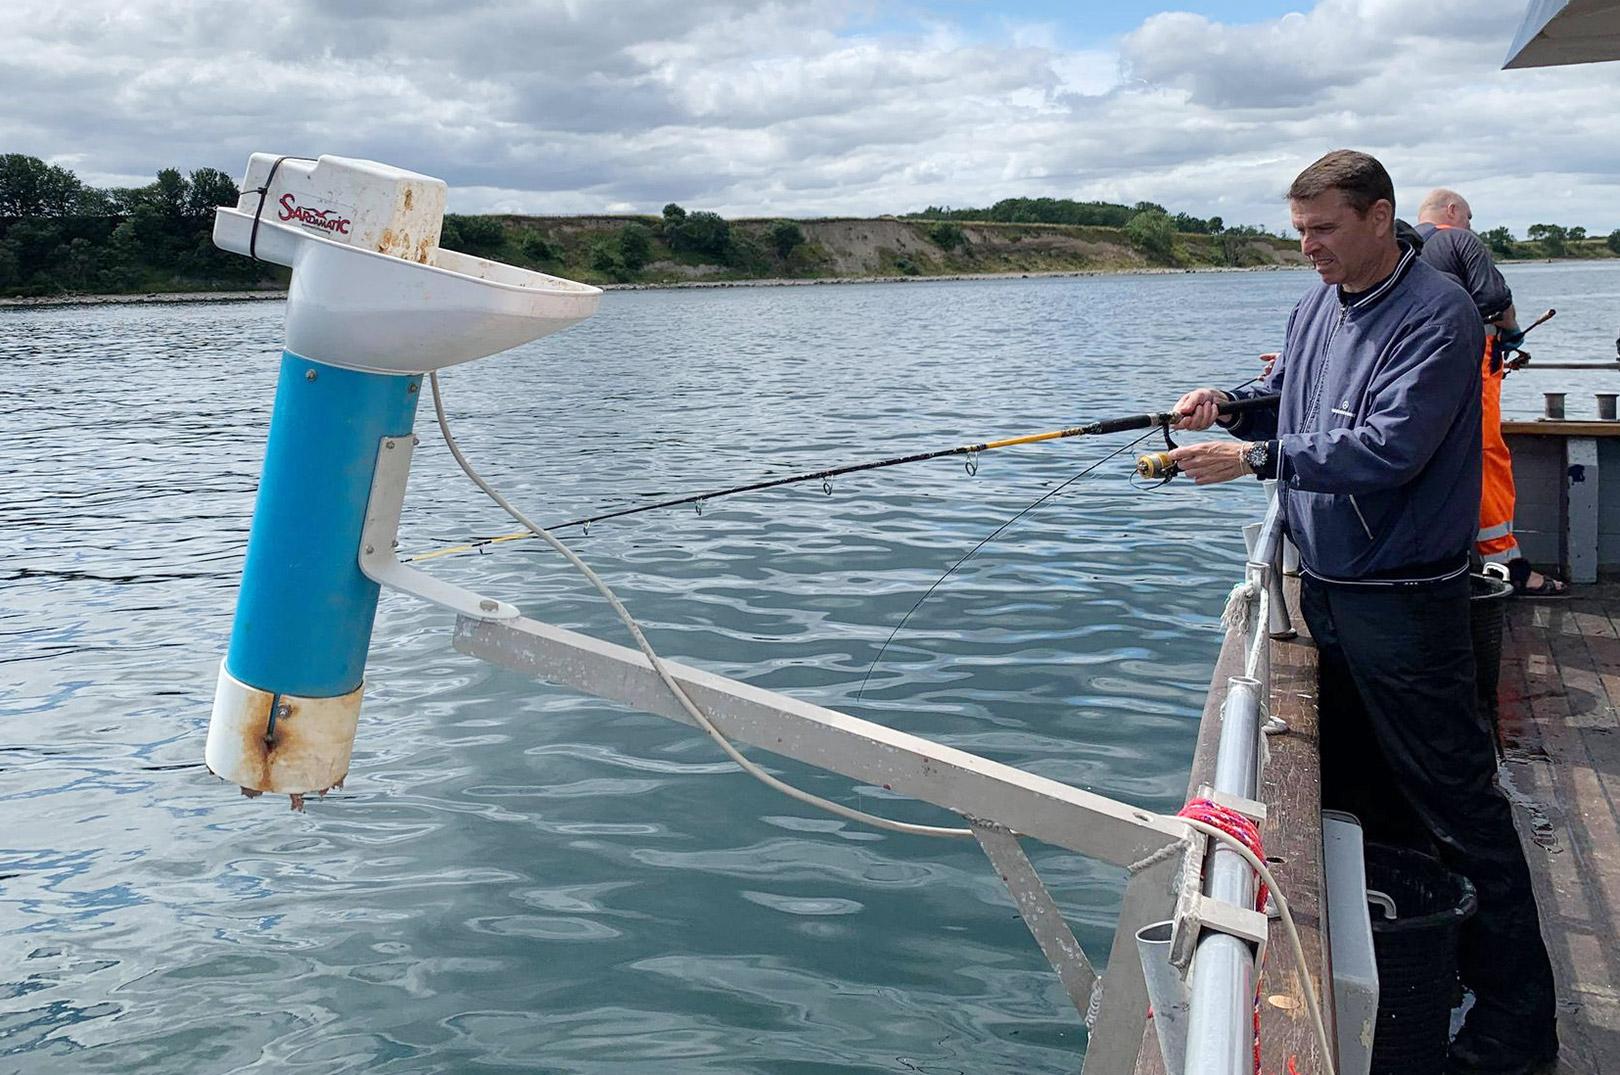 """Der """"chummes"""" lystigt på Øresund - og teknikkerne til at lokke makrelstimerne tæt på bådene bliver mere og mere avancerede."""